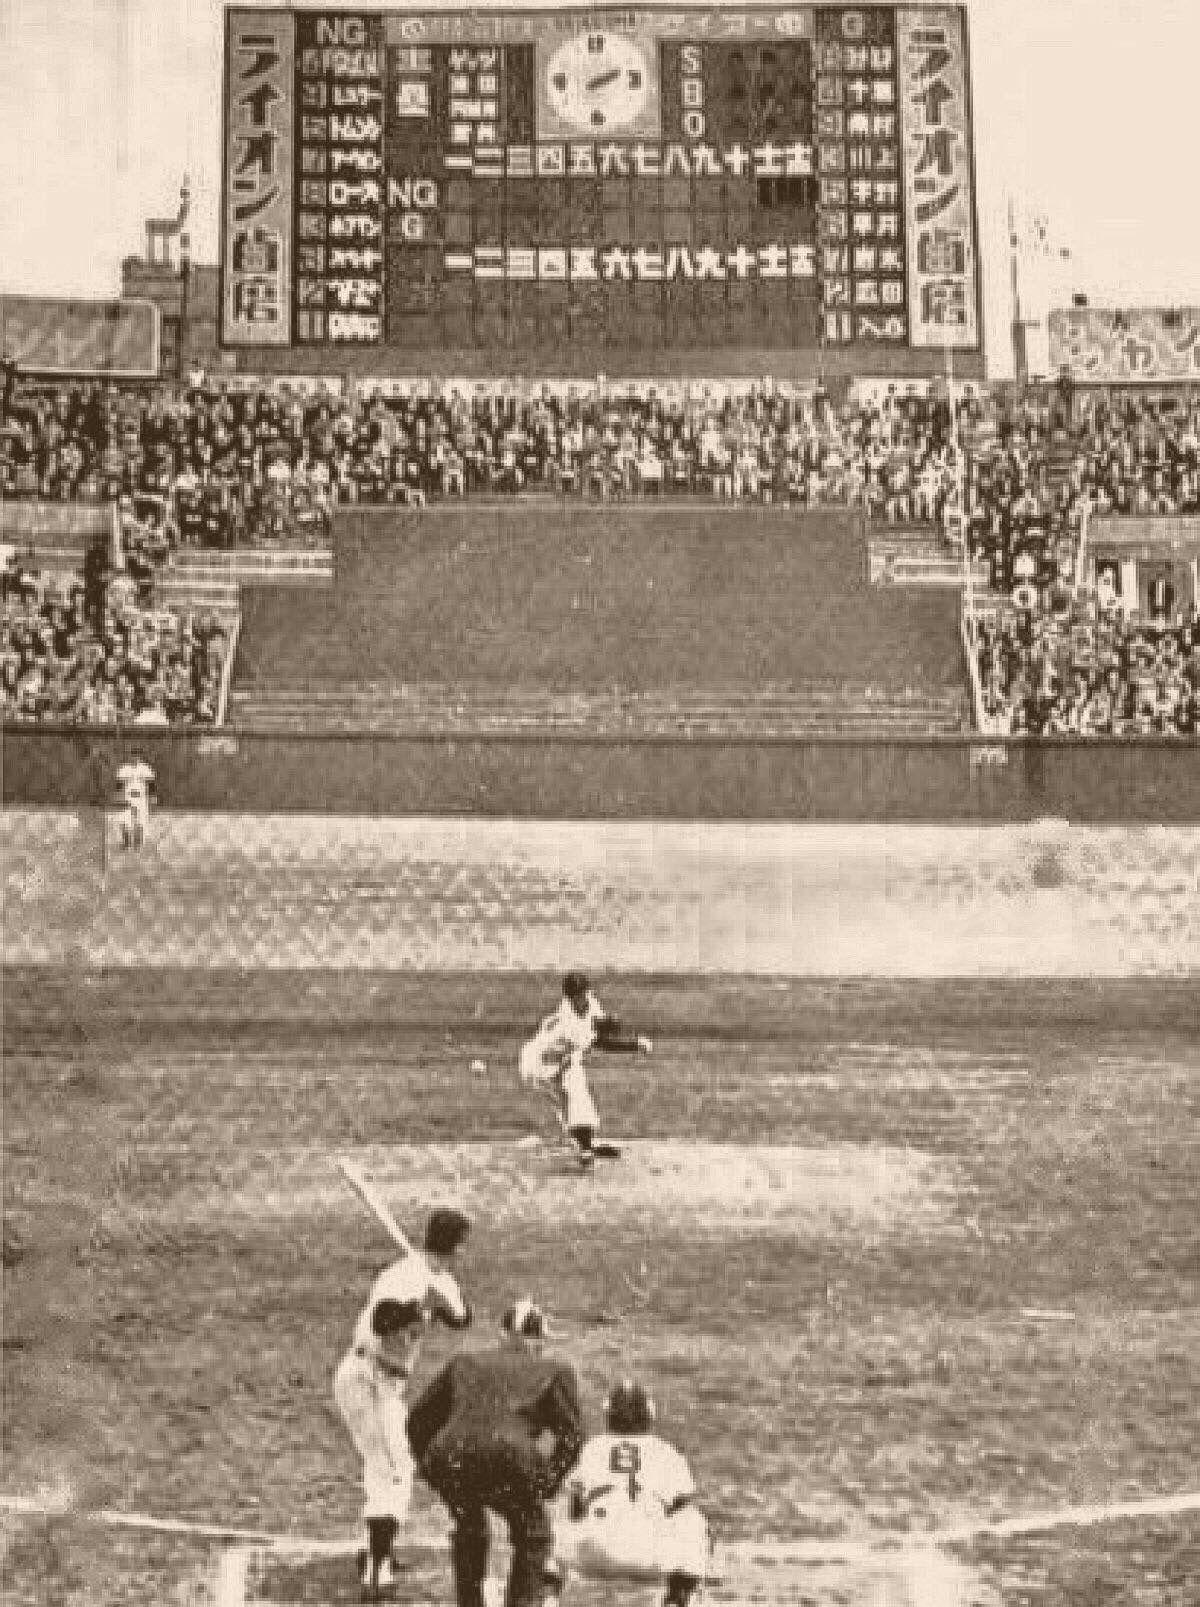 後楽園球場 1953年 (ニューヨー...